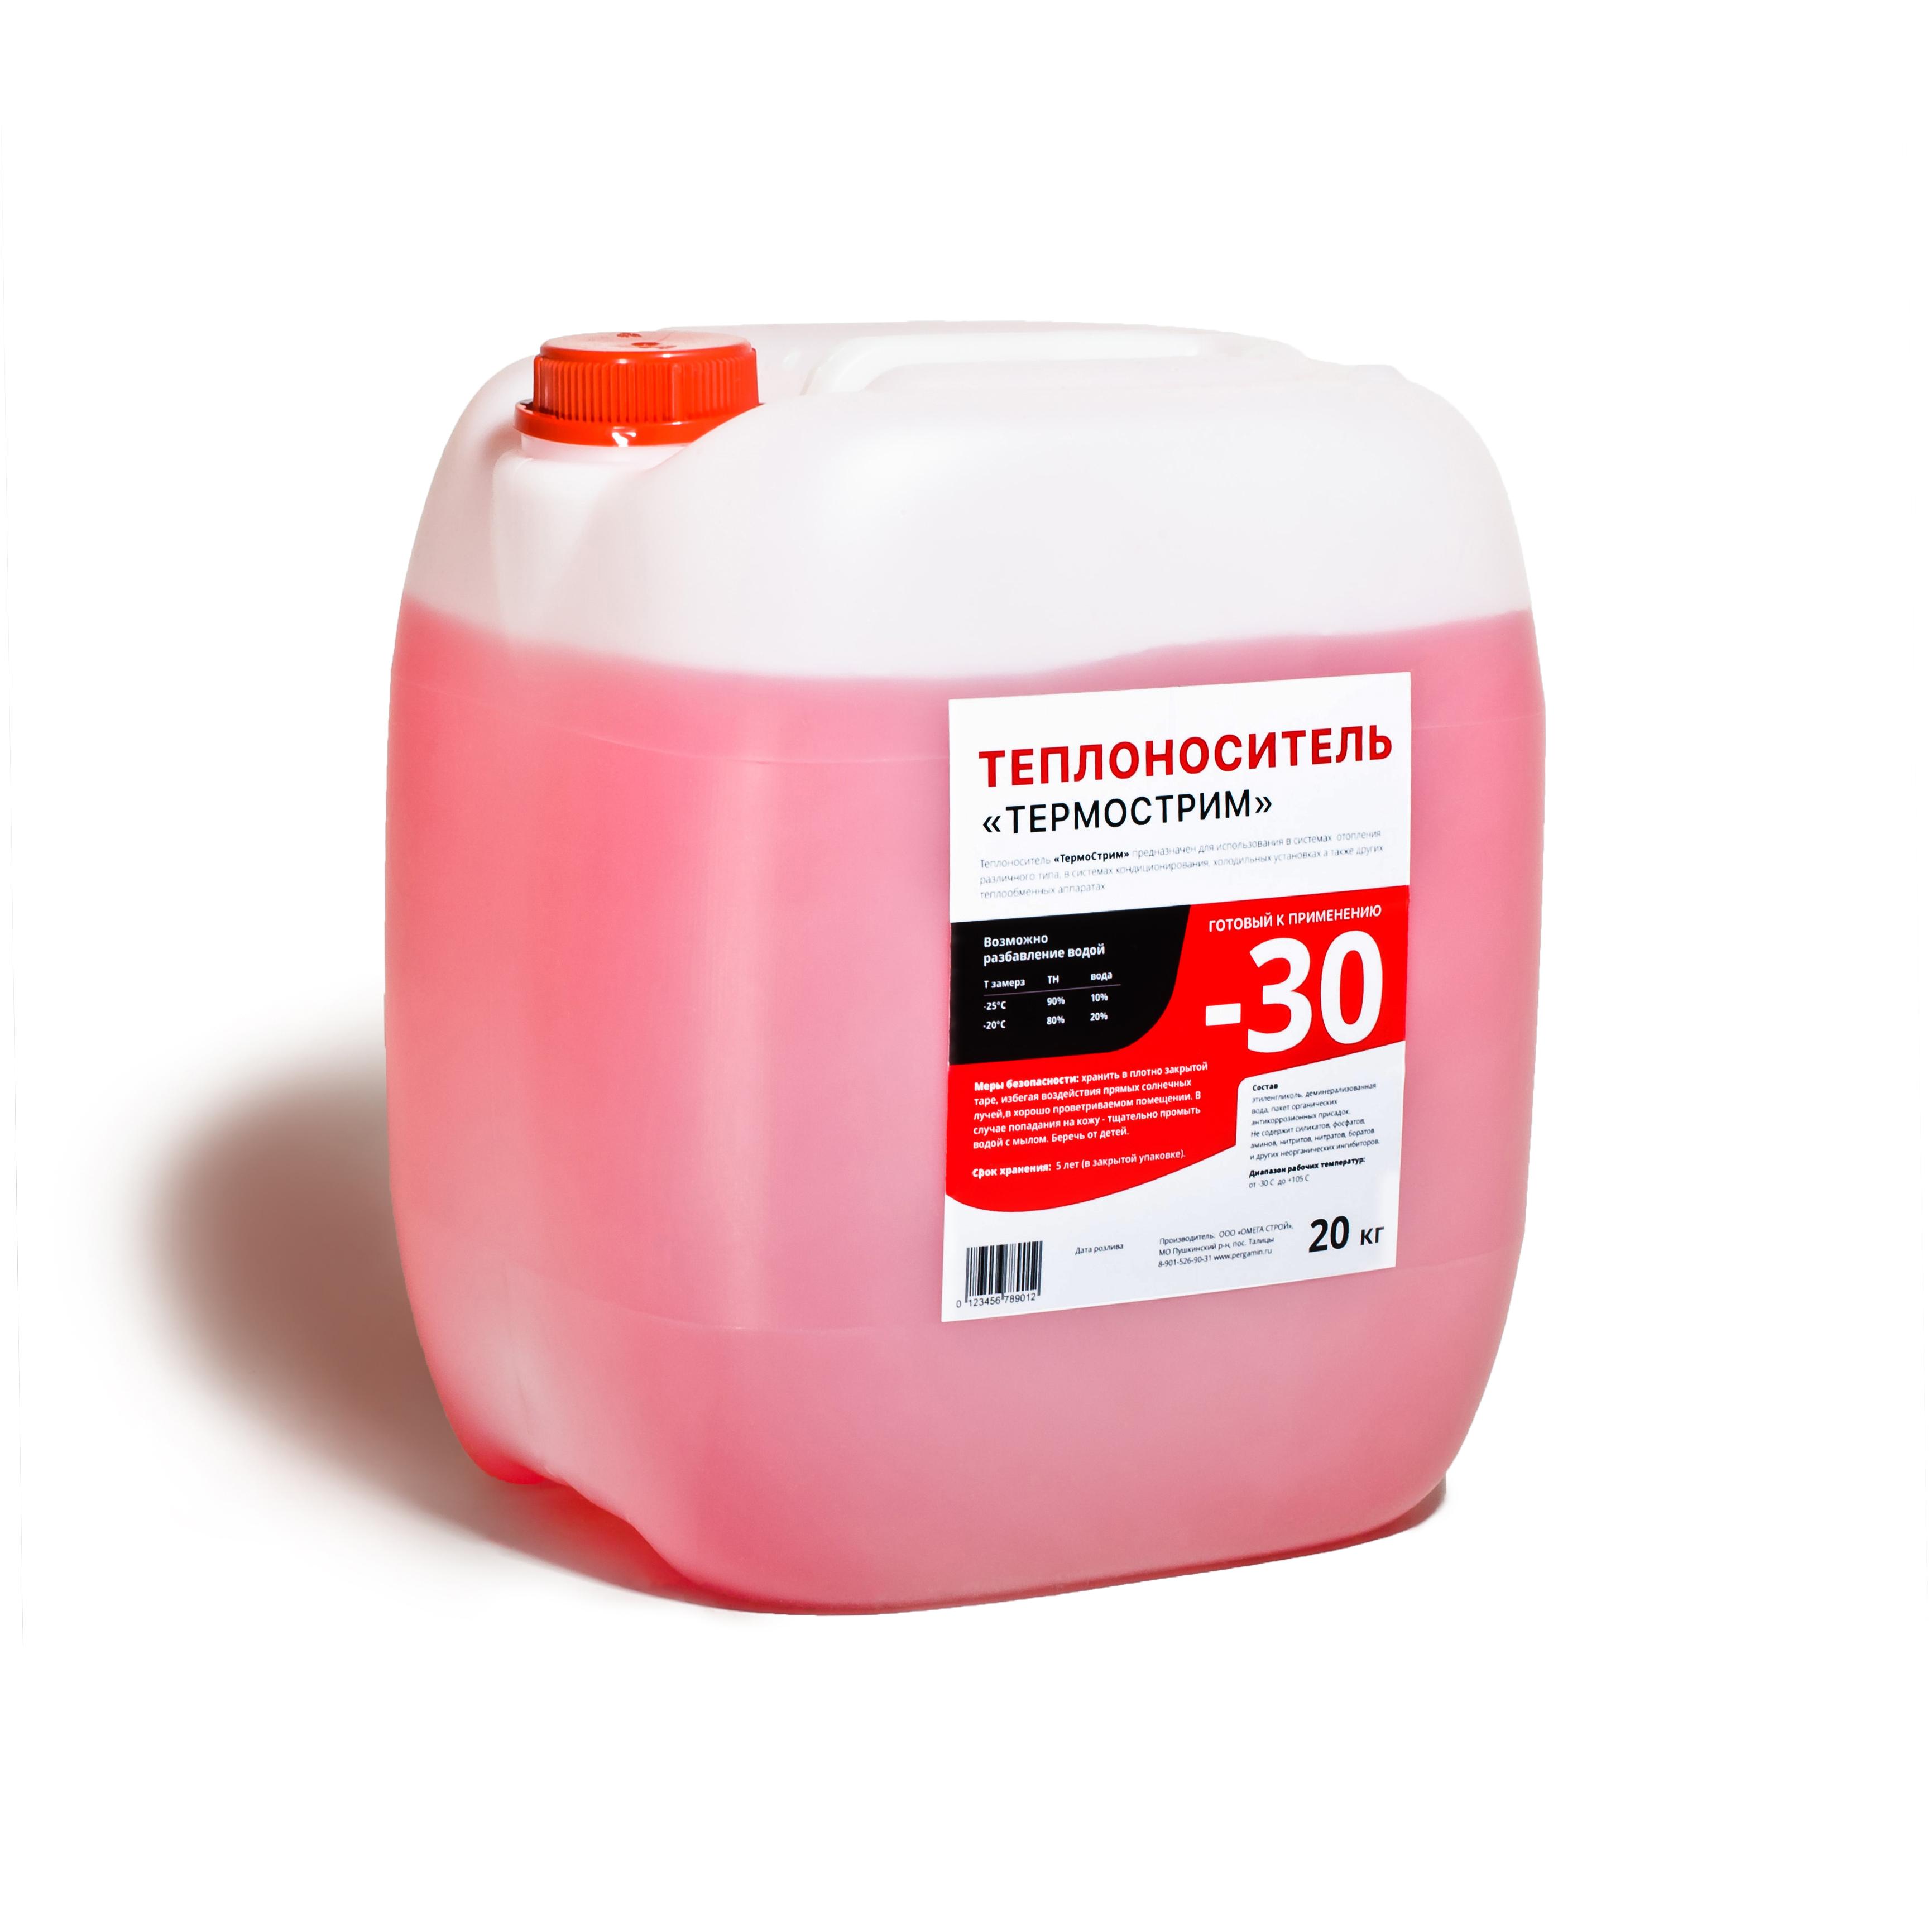 Термострим -30, 20 кг